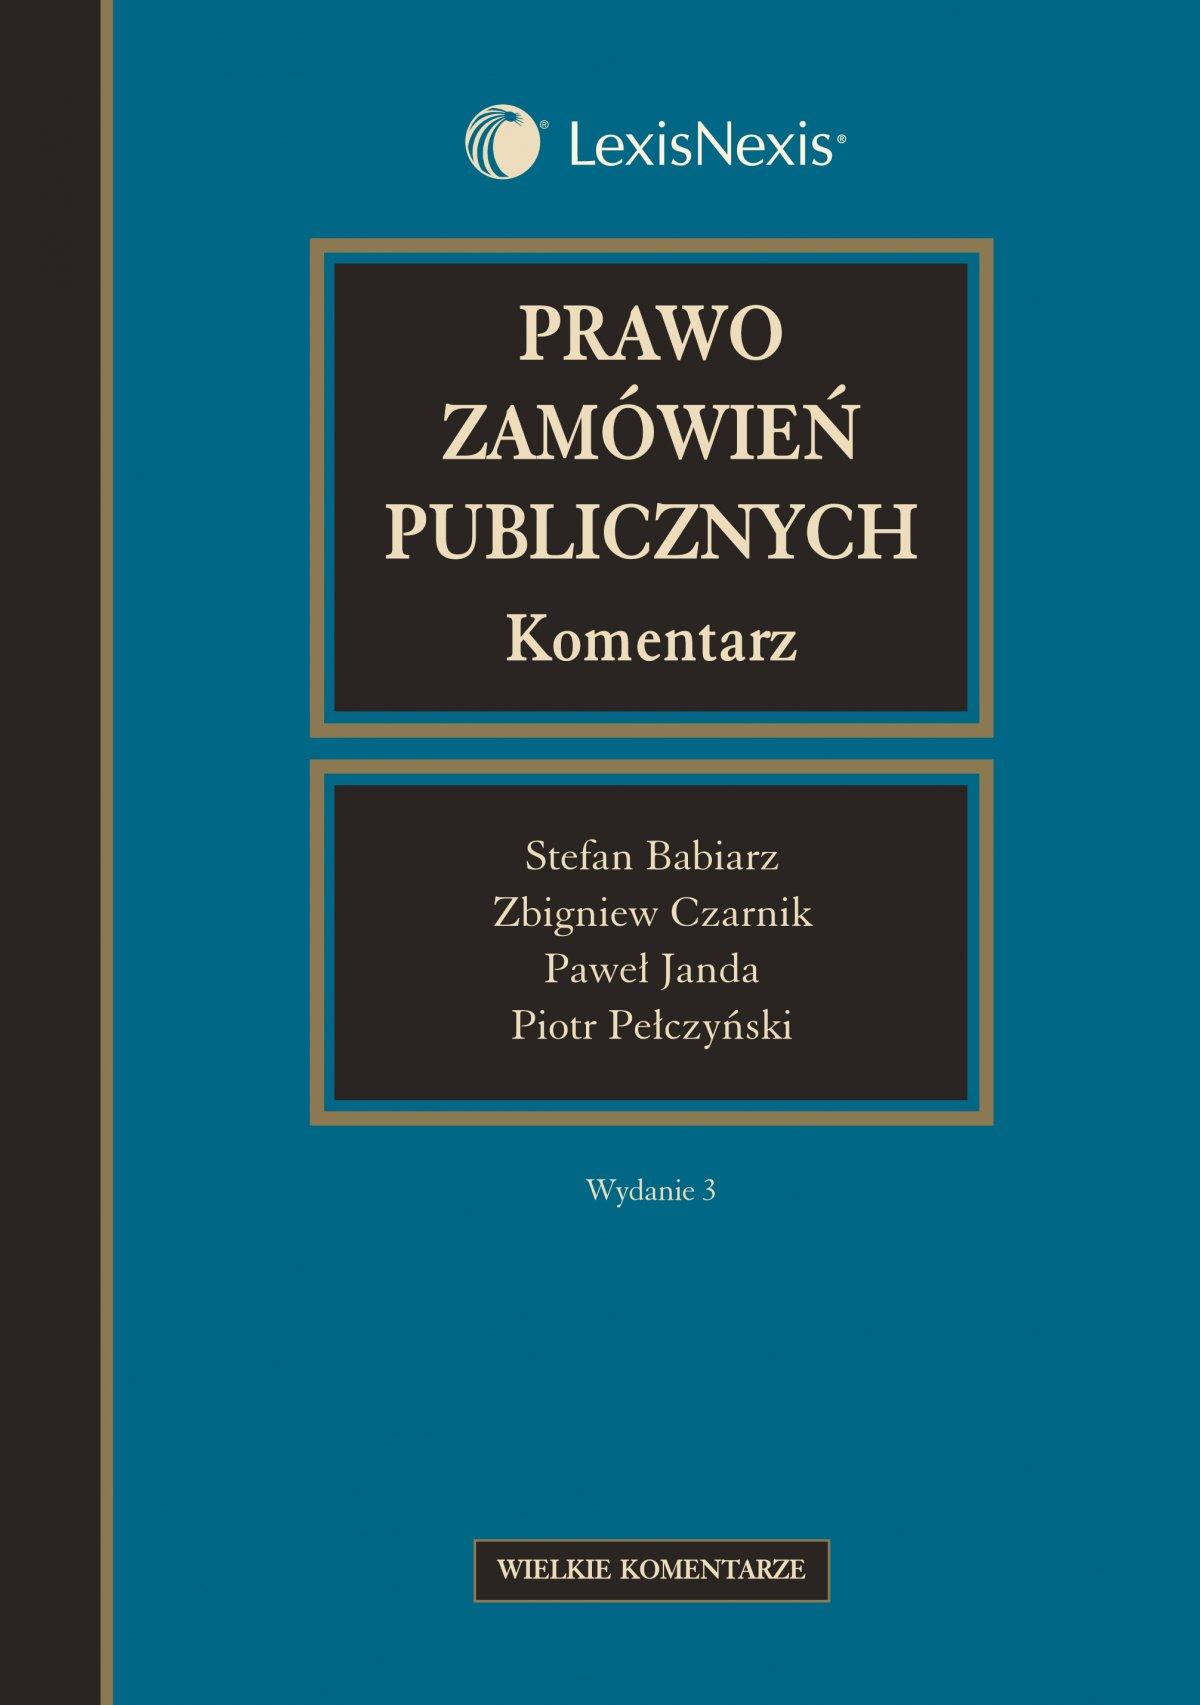 Prawo zamówień publicznych. Komentarz - Ebook (Książka EPUB) do pobrania w formacie EPUB